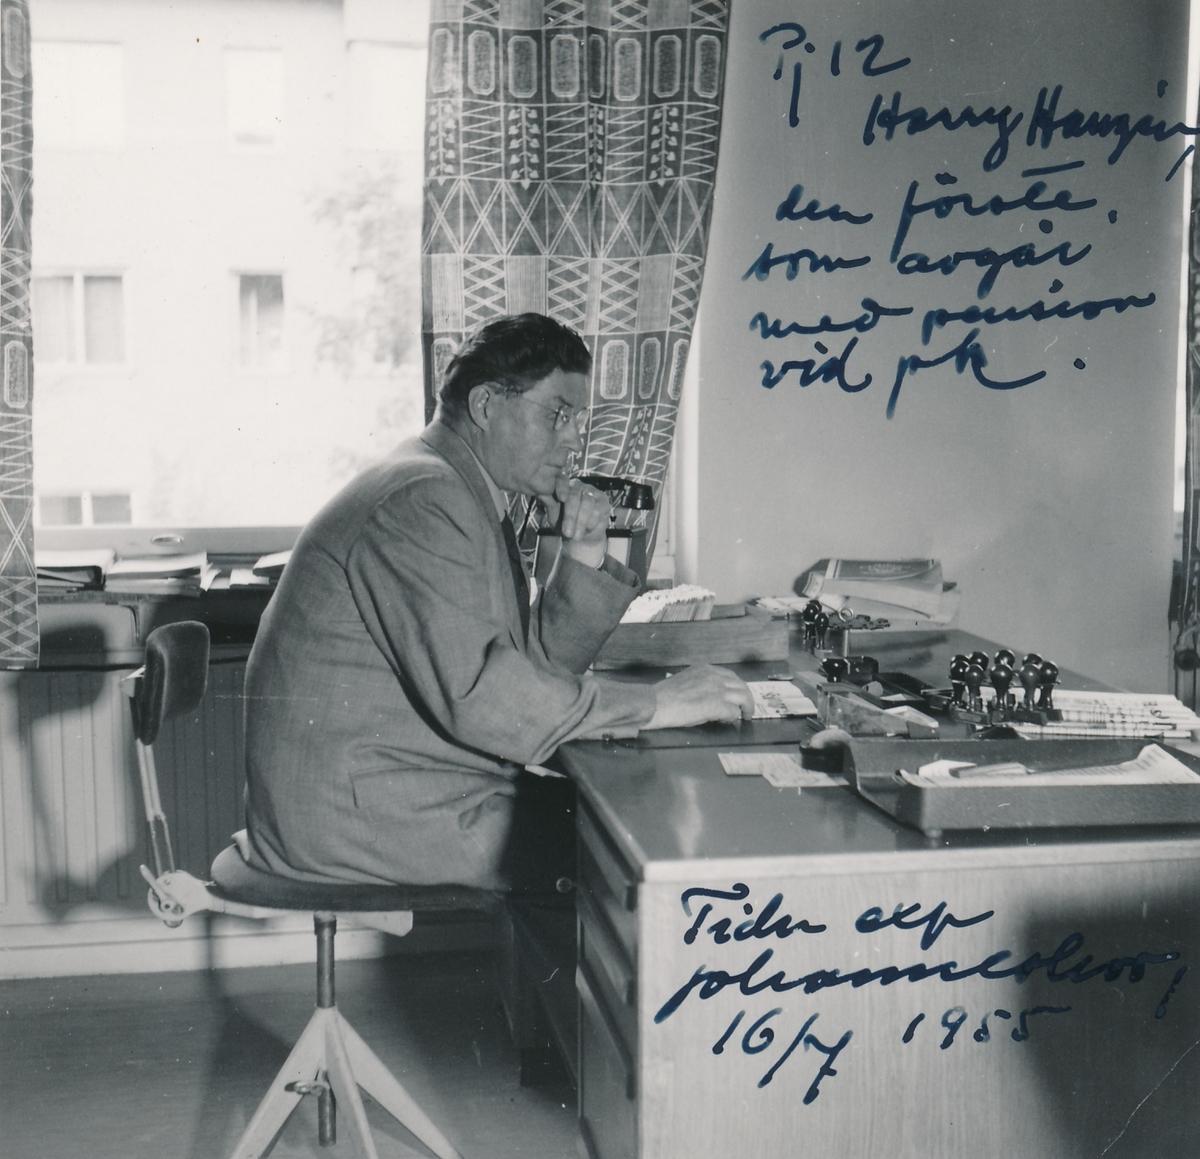 Interiörsbild med motiv Tidningsexpeditionen Johanneshov 1, 1955. På stolen sitter Nils Axel Harry Hanzén.